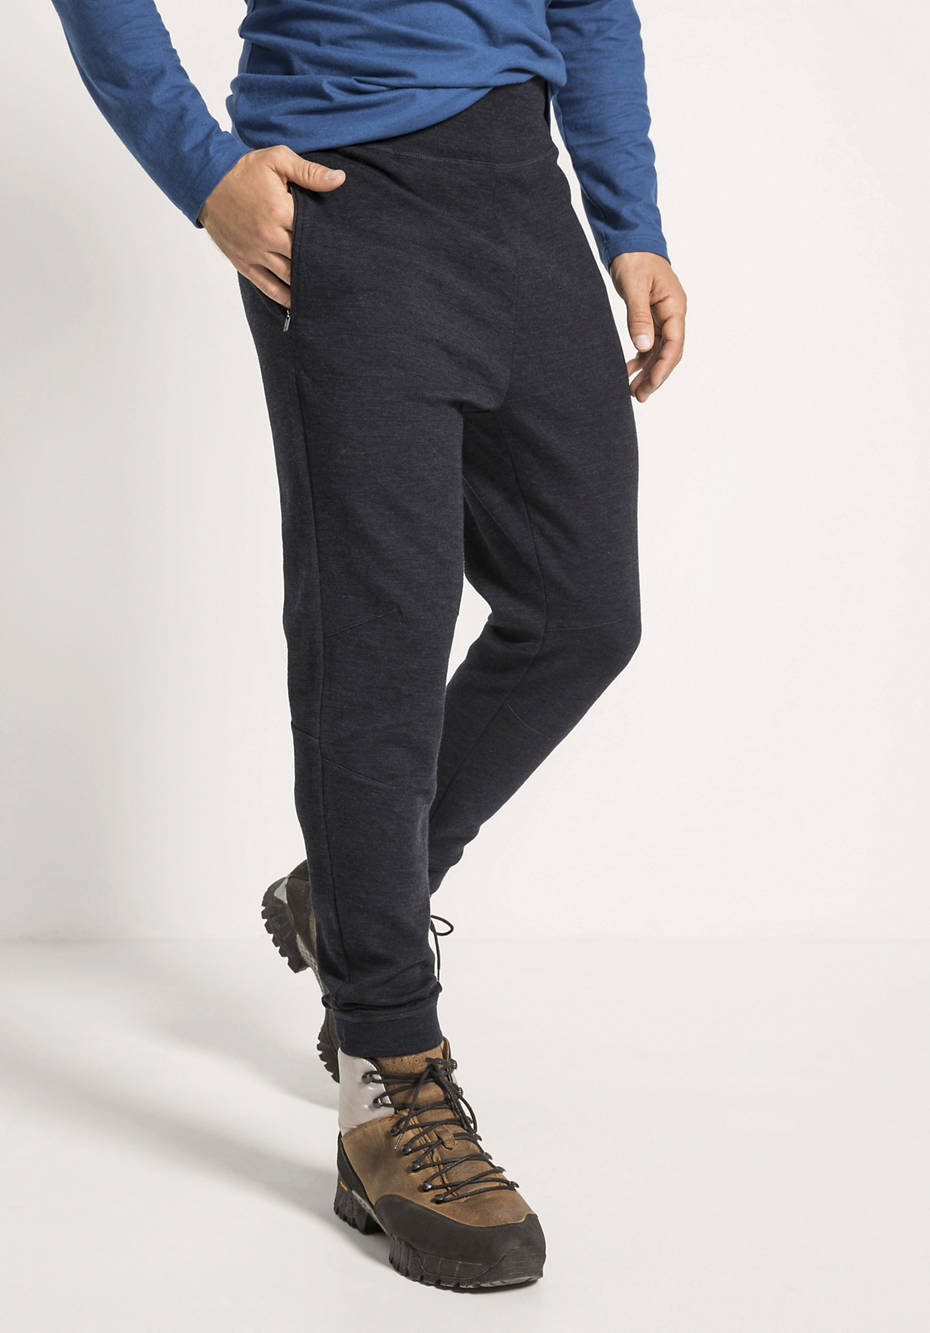 Hose aus Schurwolle mit Baumwolle und Elasthan